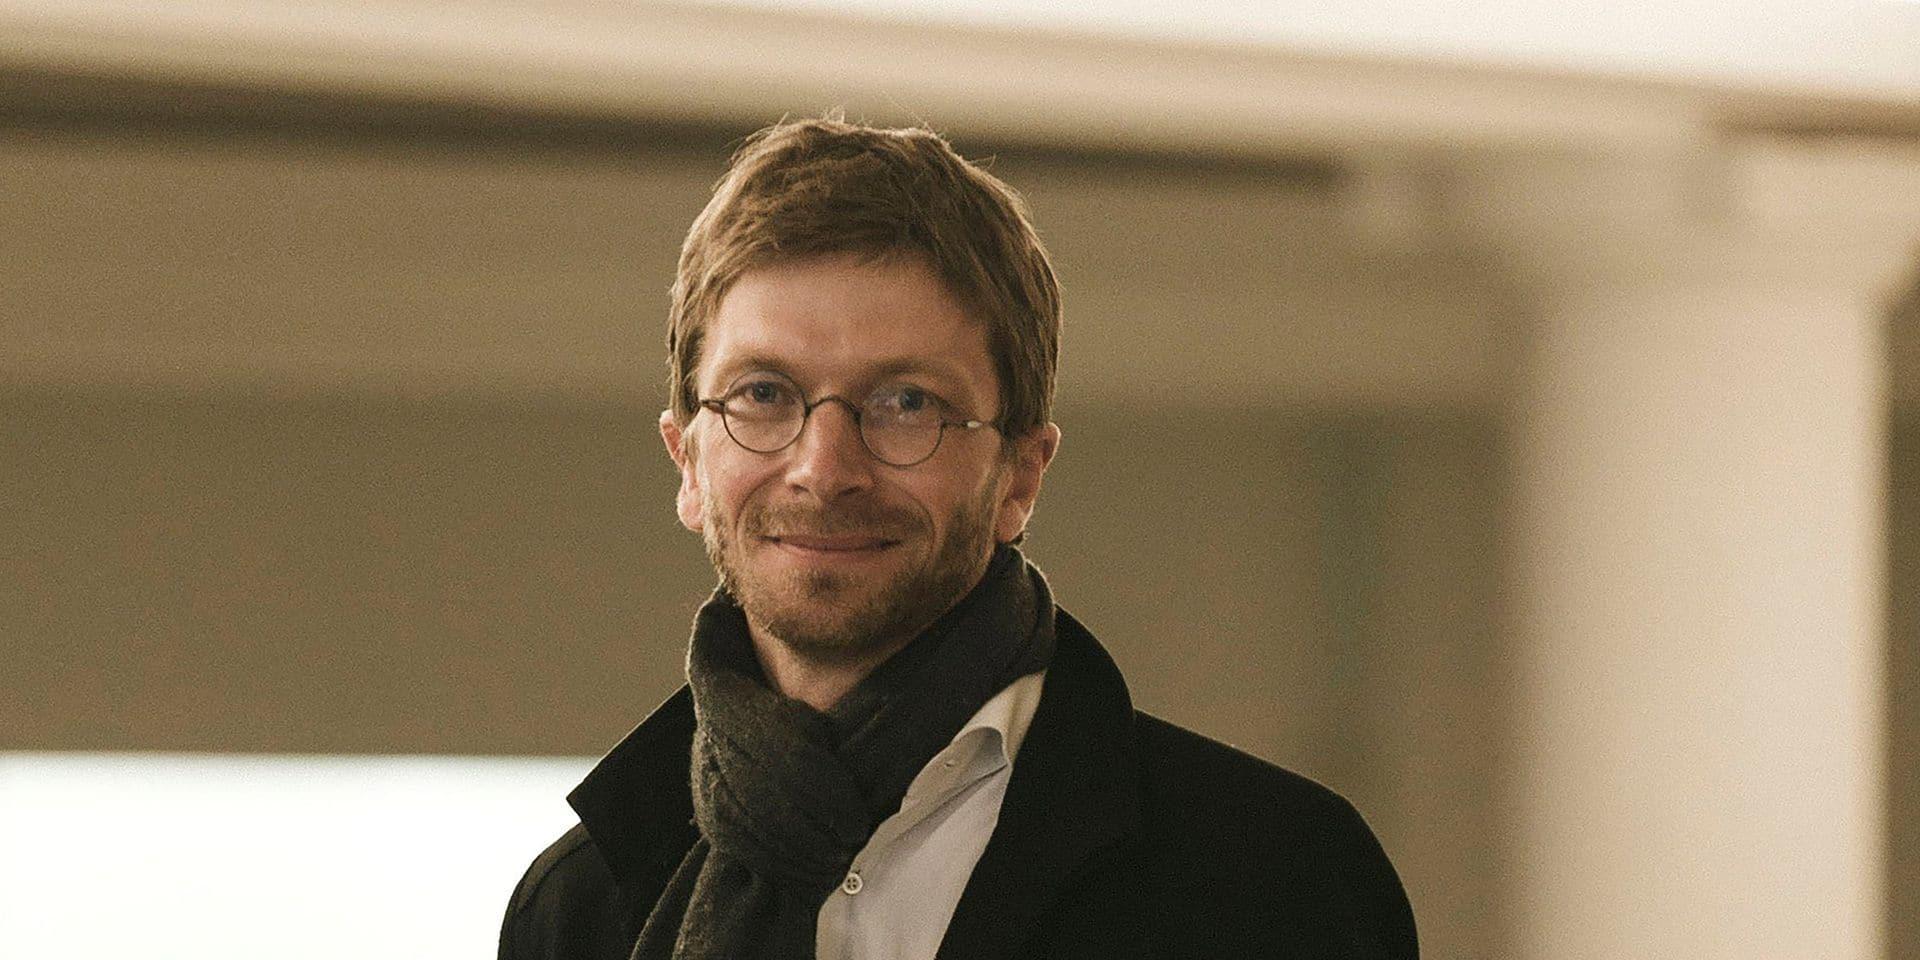 Jérôme Giersé, bientôt 41 ans, nommé directeur de Bozar Music en septembre 2020, un musicien littéraire qui est aussi un marin au long cours.